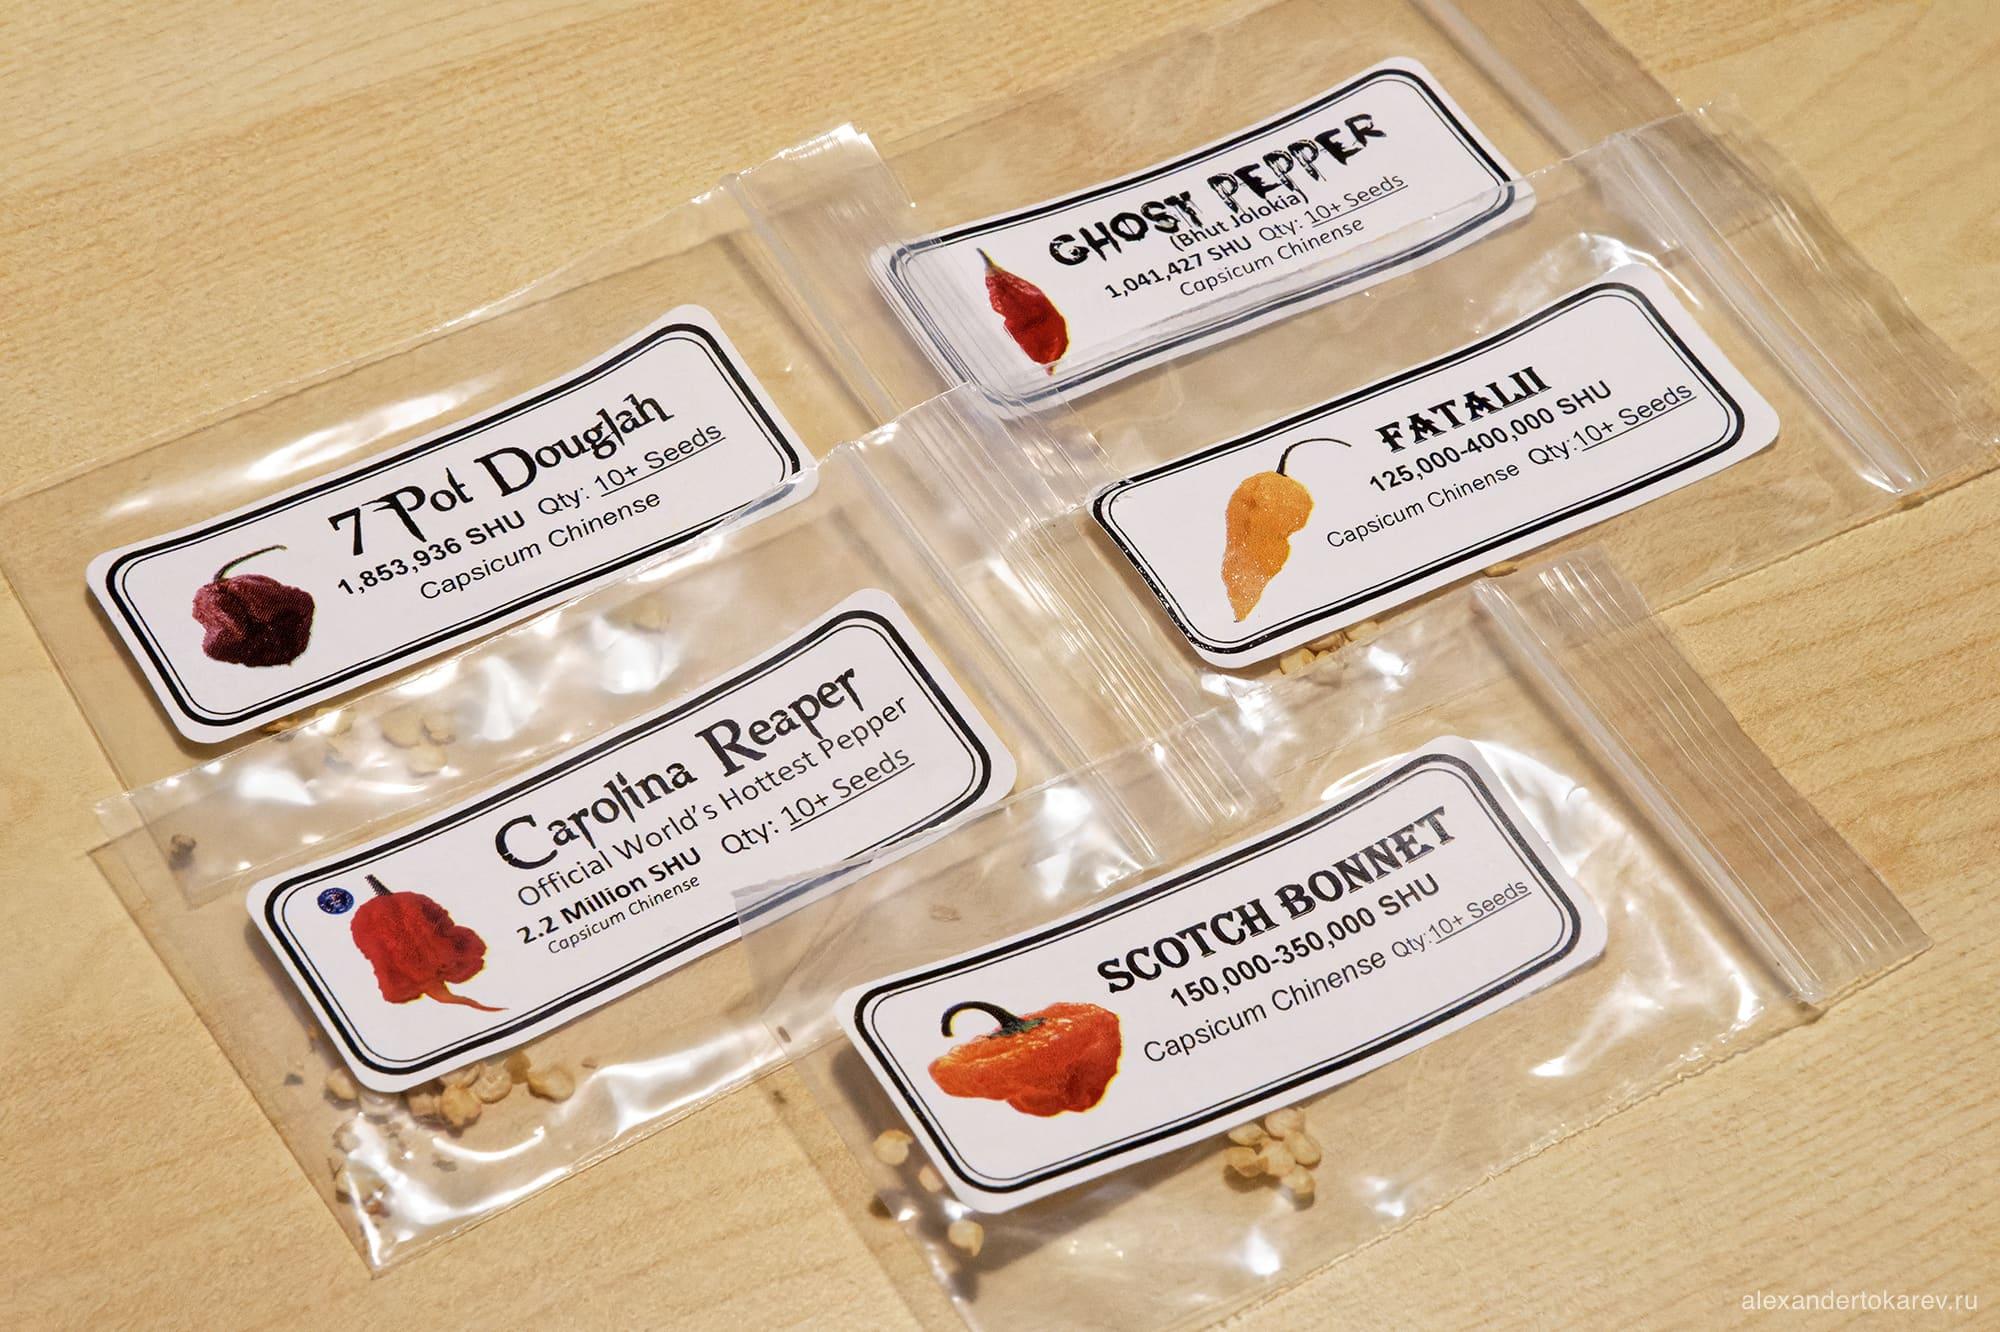 Семена сверхострых перцев